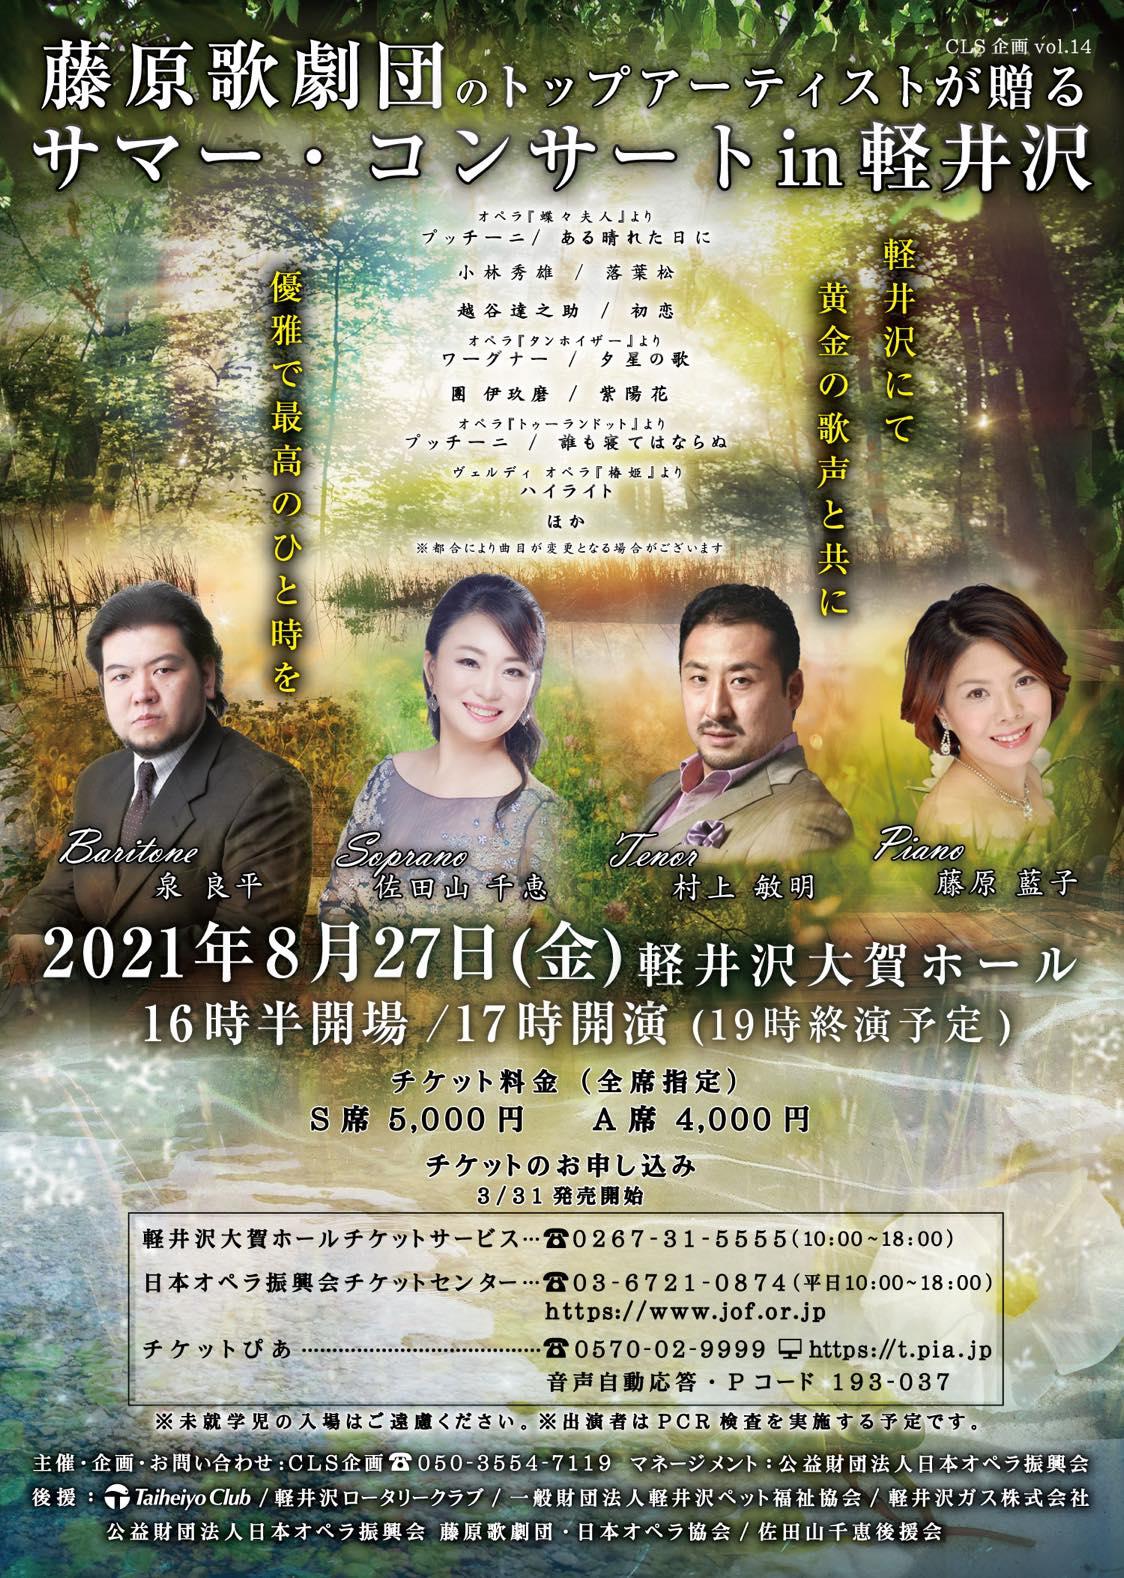 8月27日(金)17時開演で、軽井沢大賀ホールにてサマーコンサートを開催